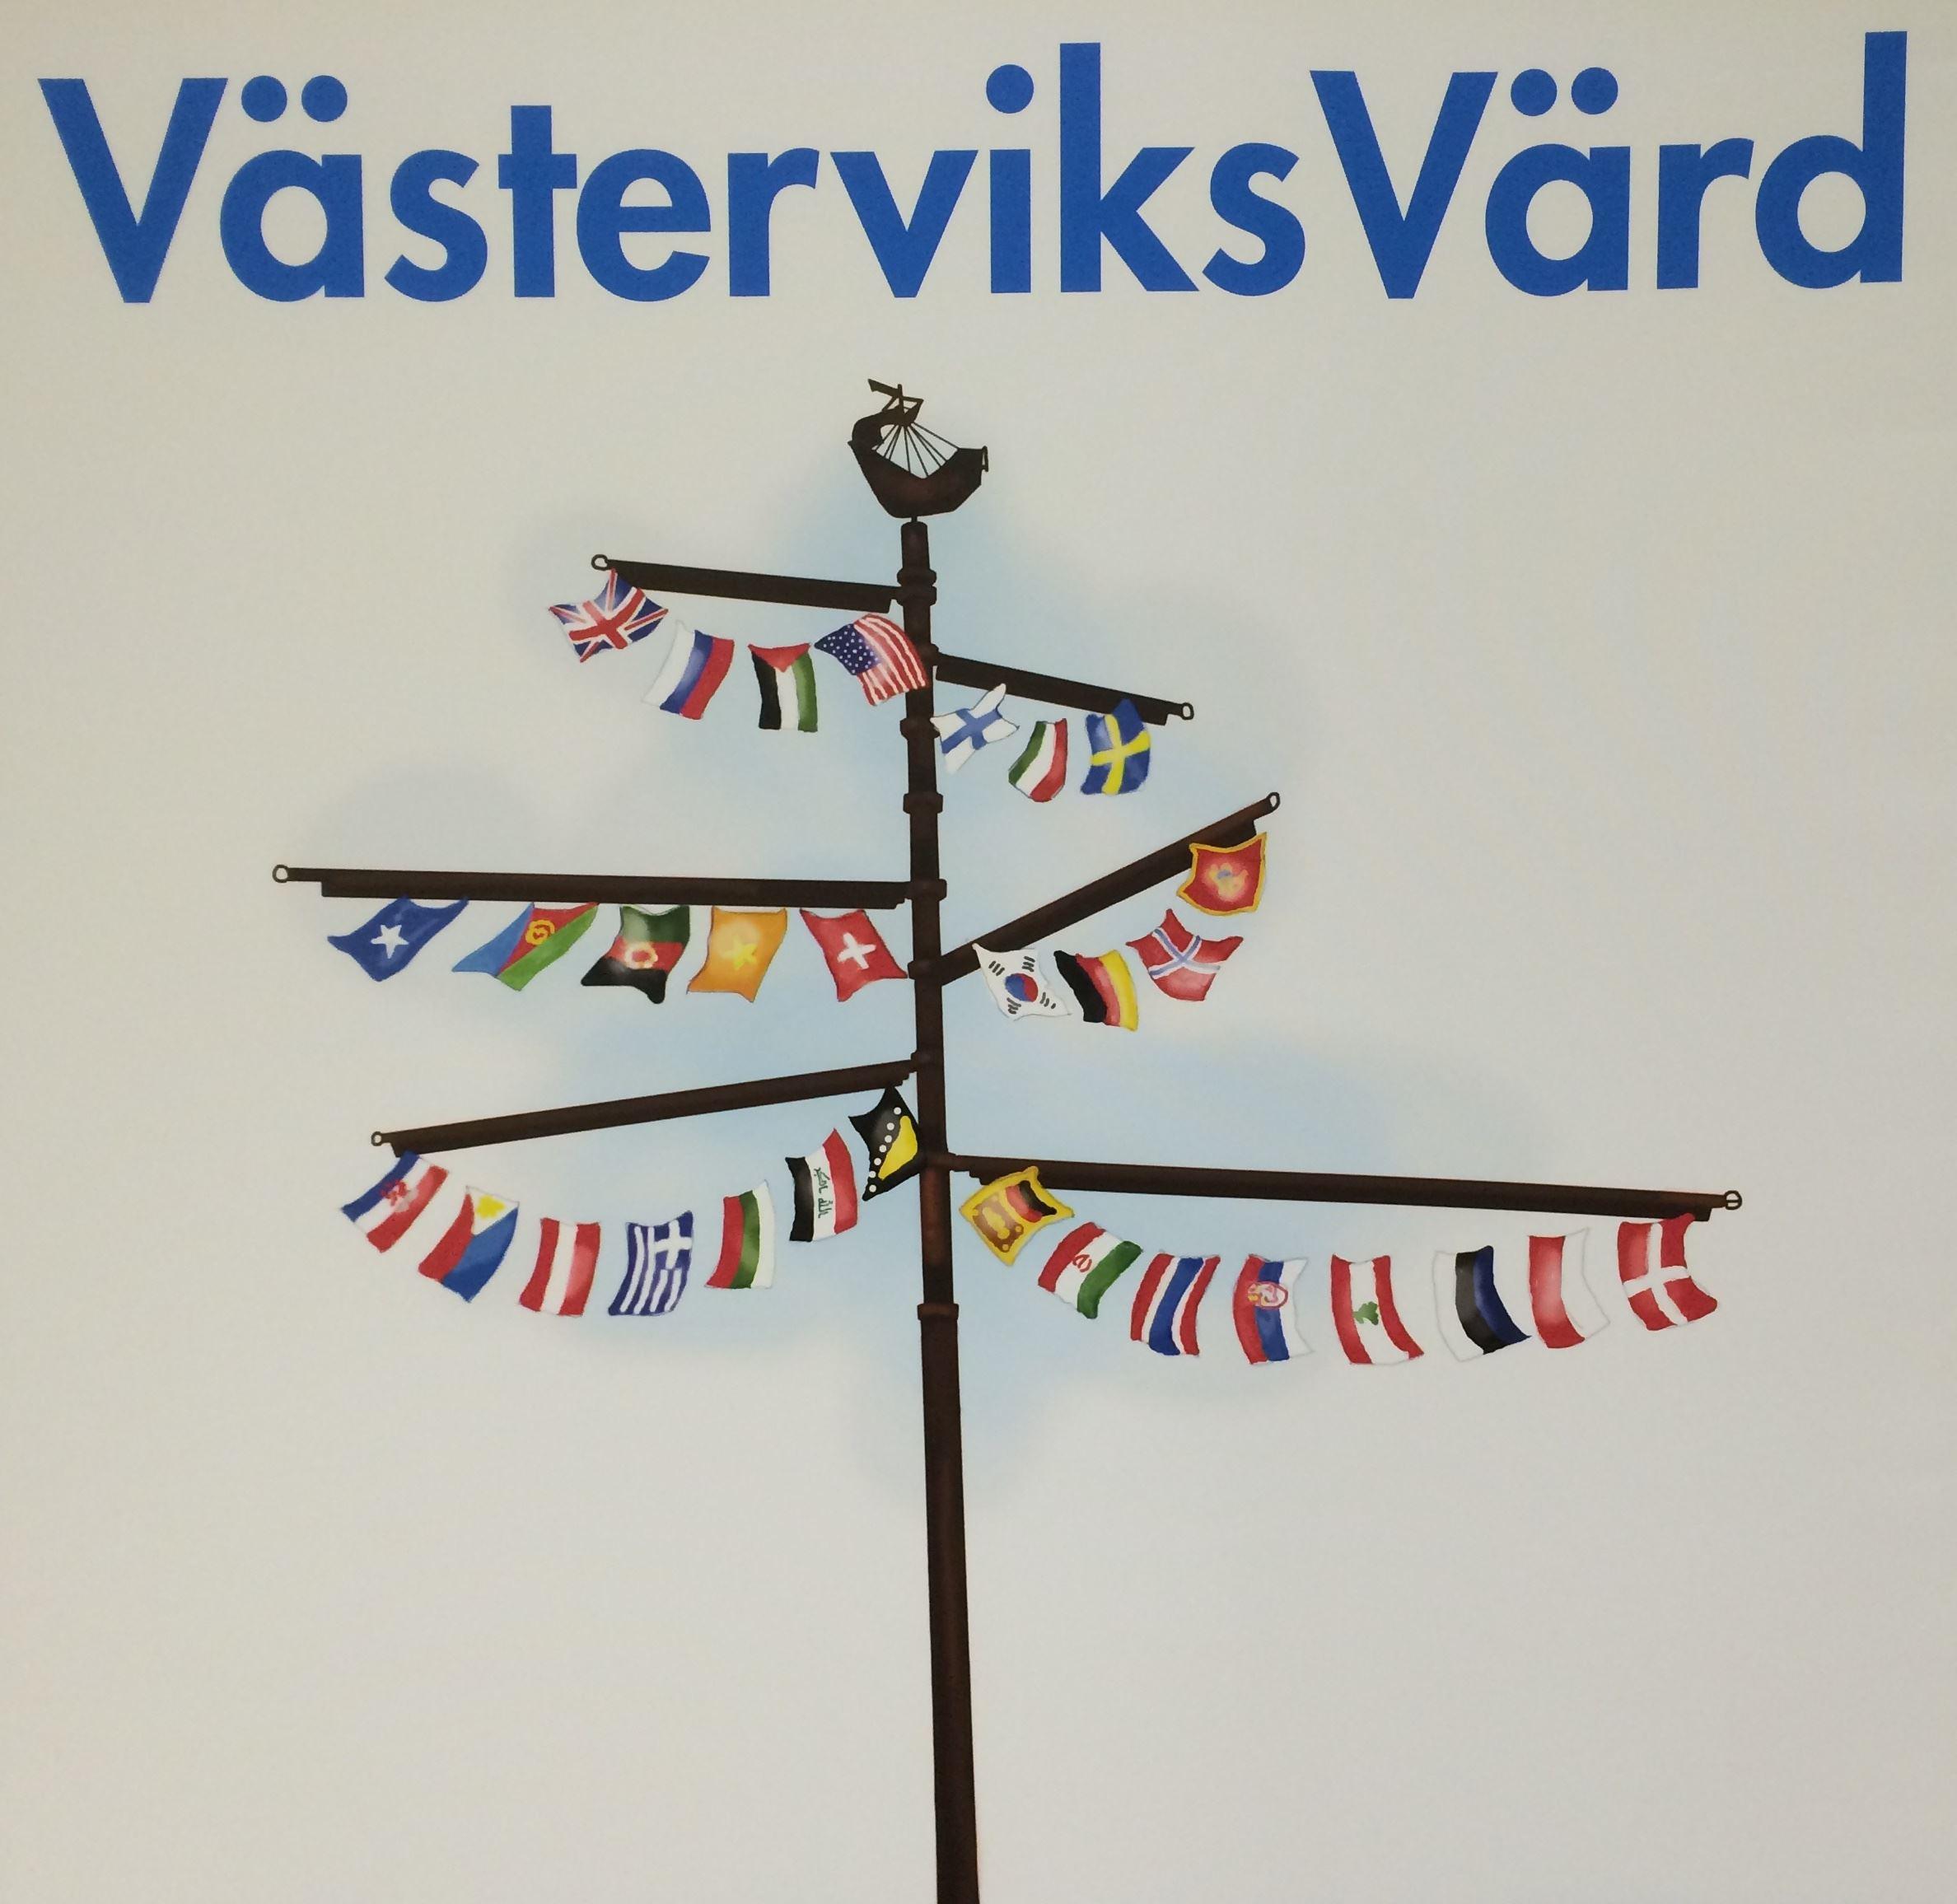 Nyfiken på att få/bli VästerviksVärd?